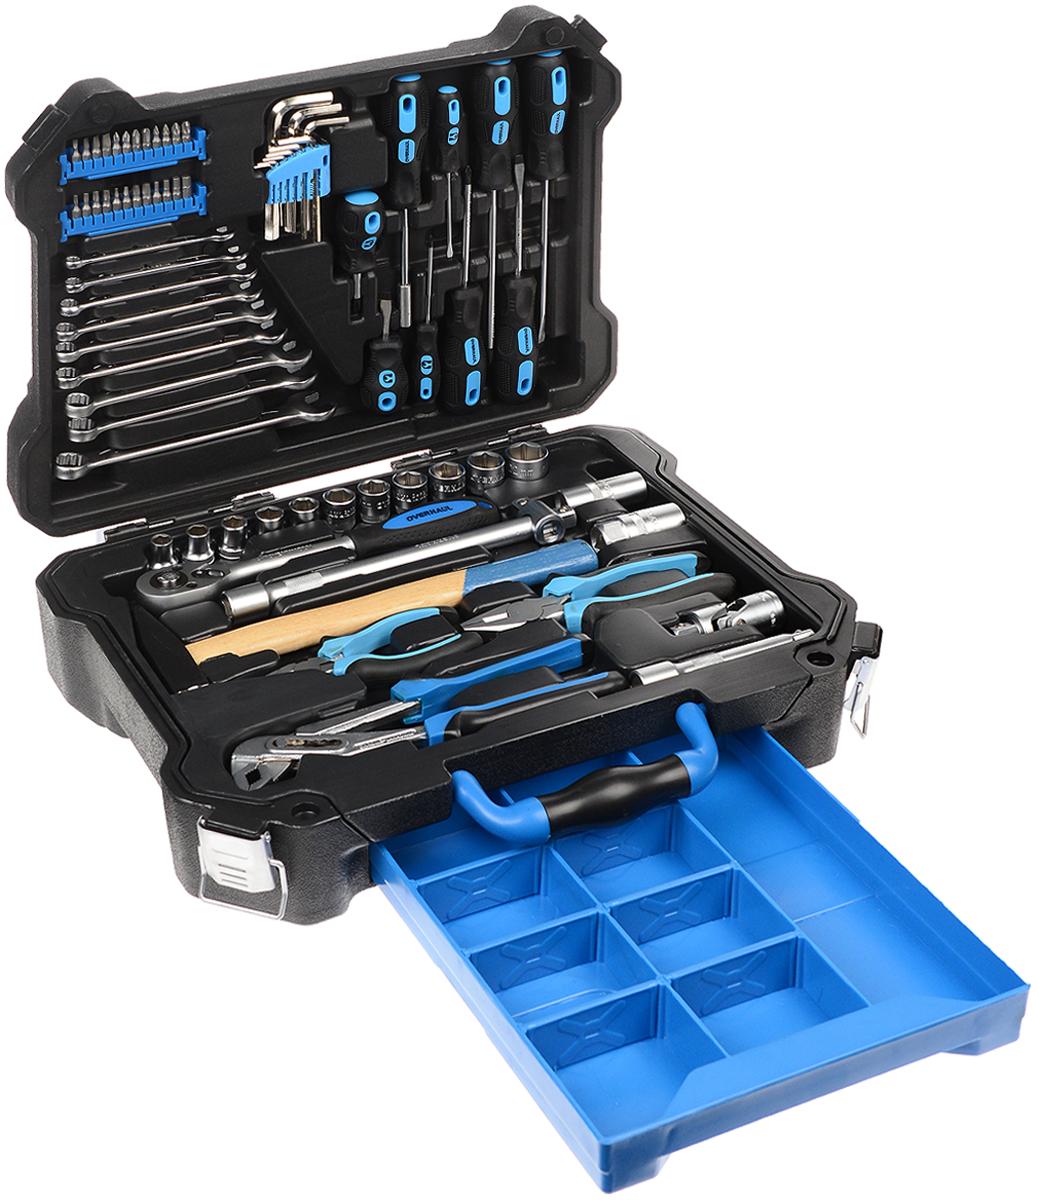 Набор инструментов для автомобиля Overhaul, 73 предмета отвертка aist 800202 сборная 2 в 1 sl6 0 x ph 2 х 63мм